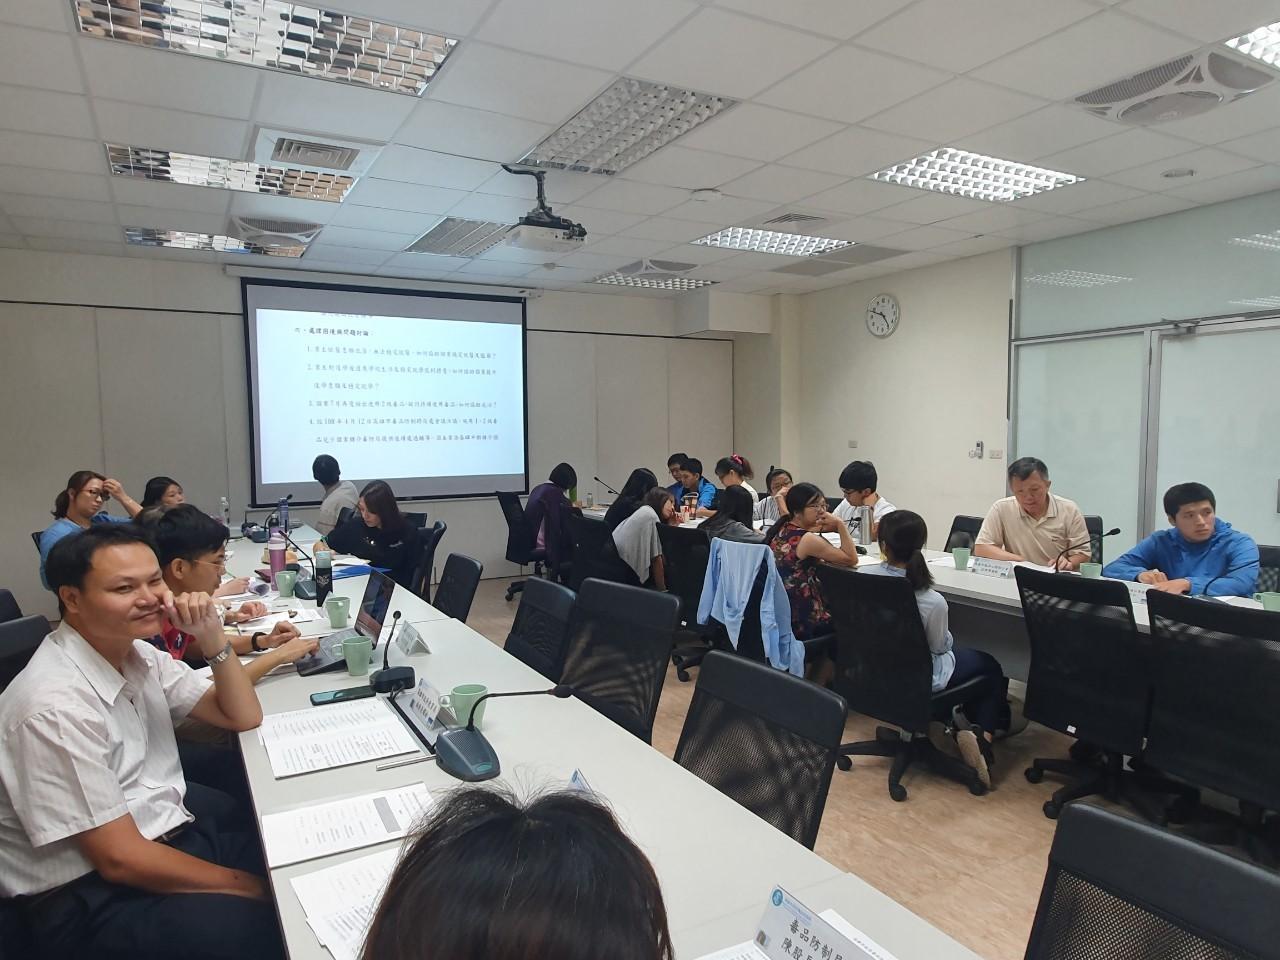 【108年度】個案管理人員及督導教育訓練-個案討論會(二)